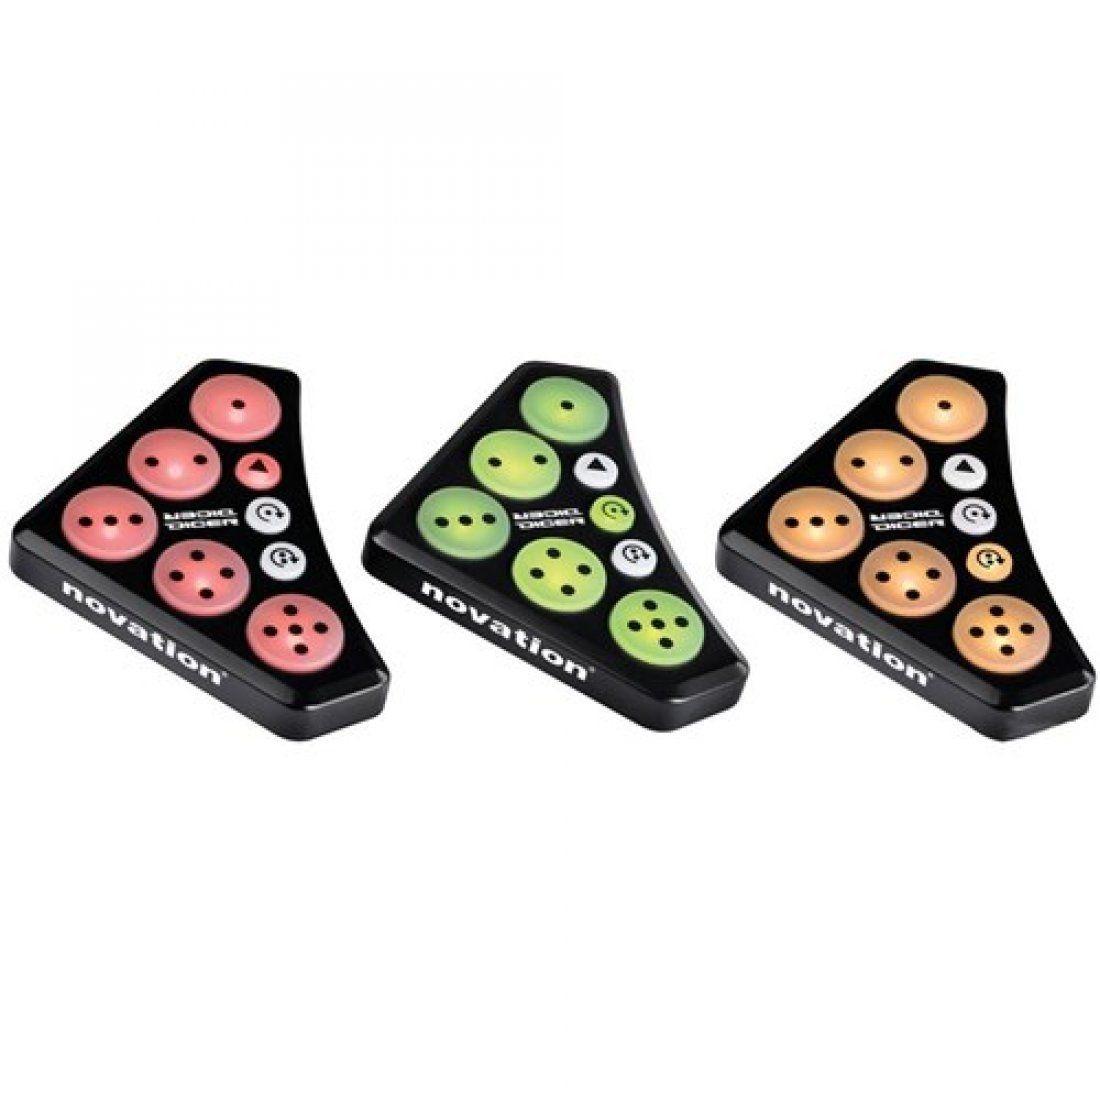 Novation Dicer Controladora Dj Pads Loop Sample Midi Encaixa em Toca-disco ou Player